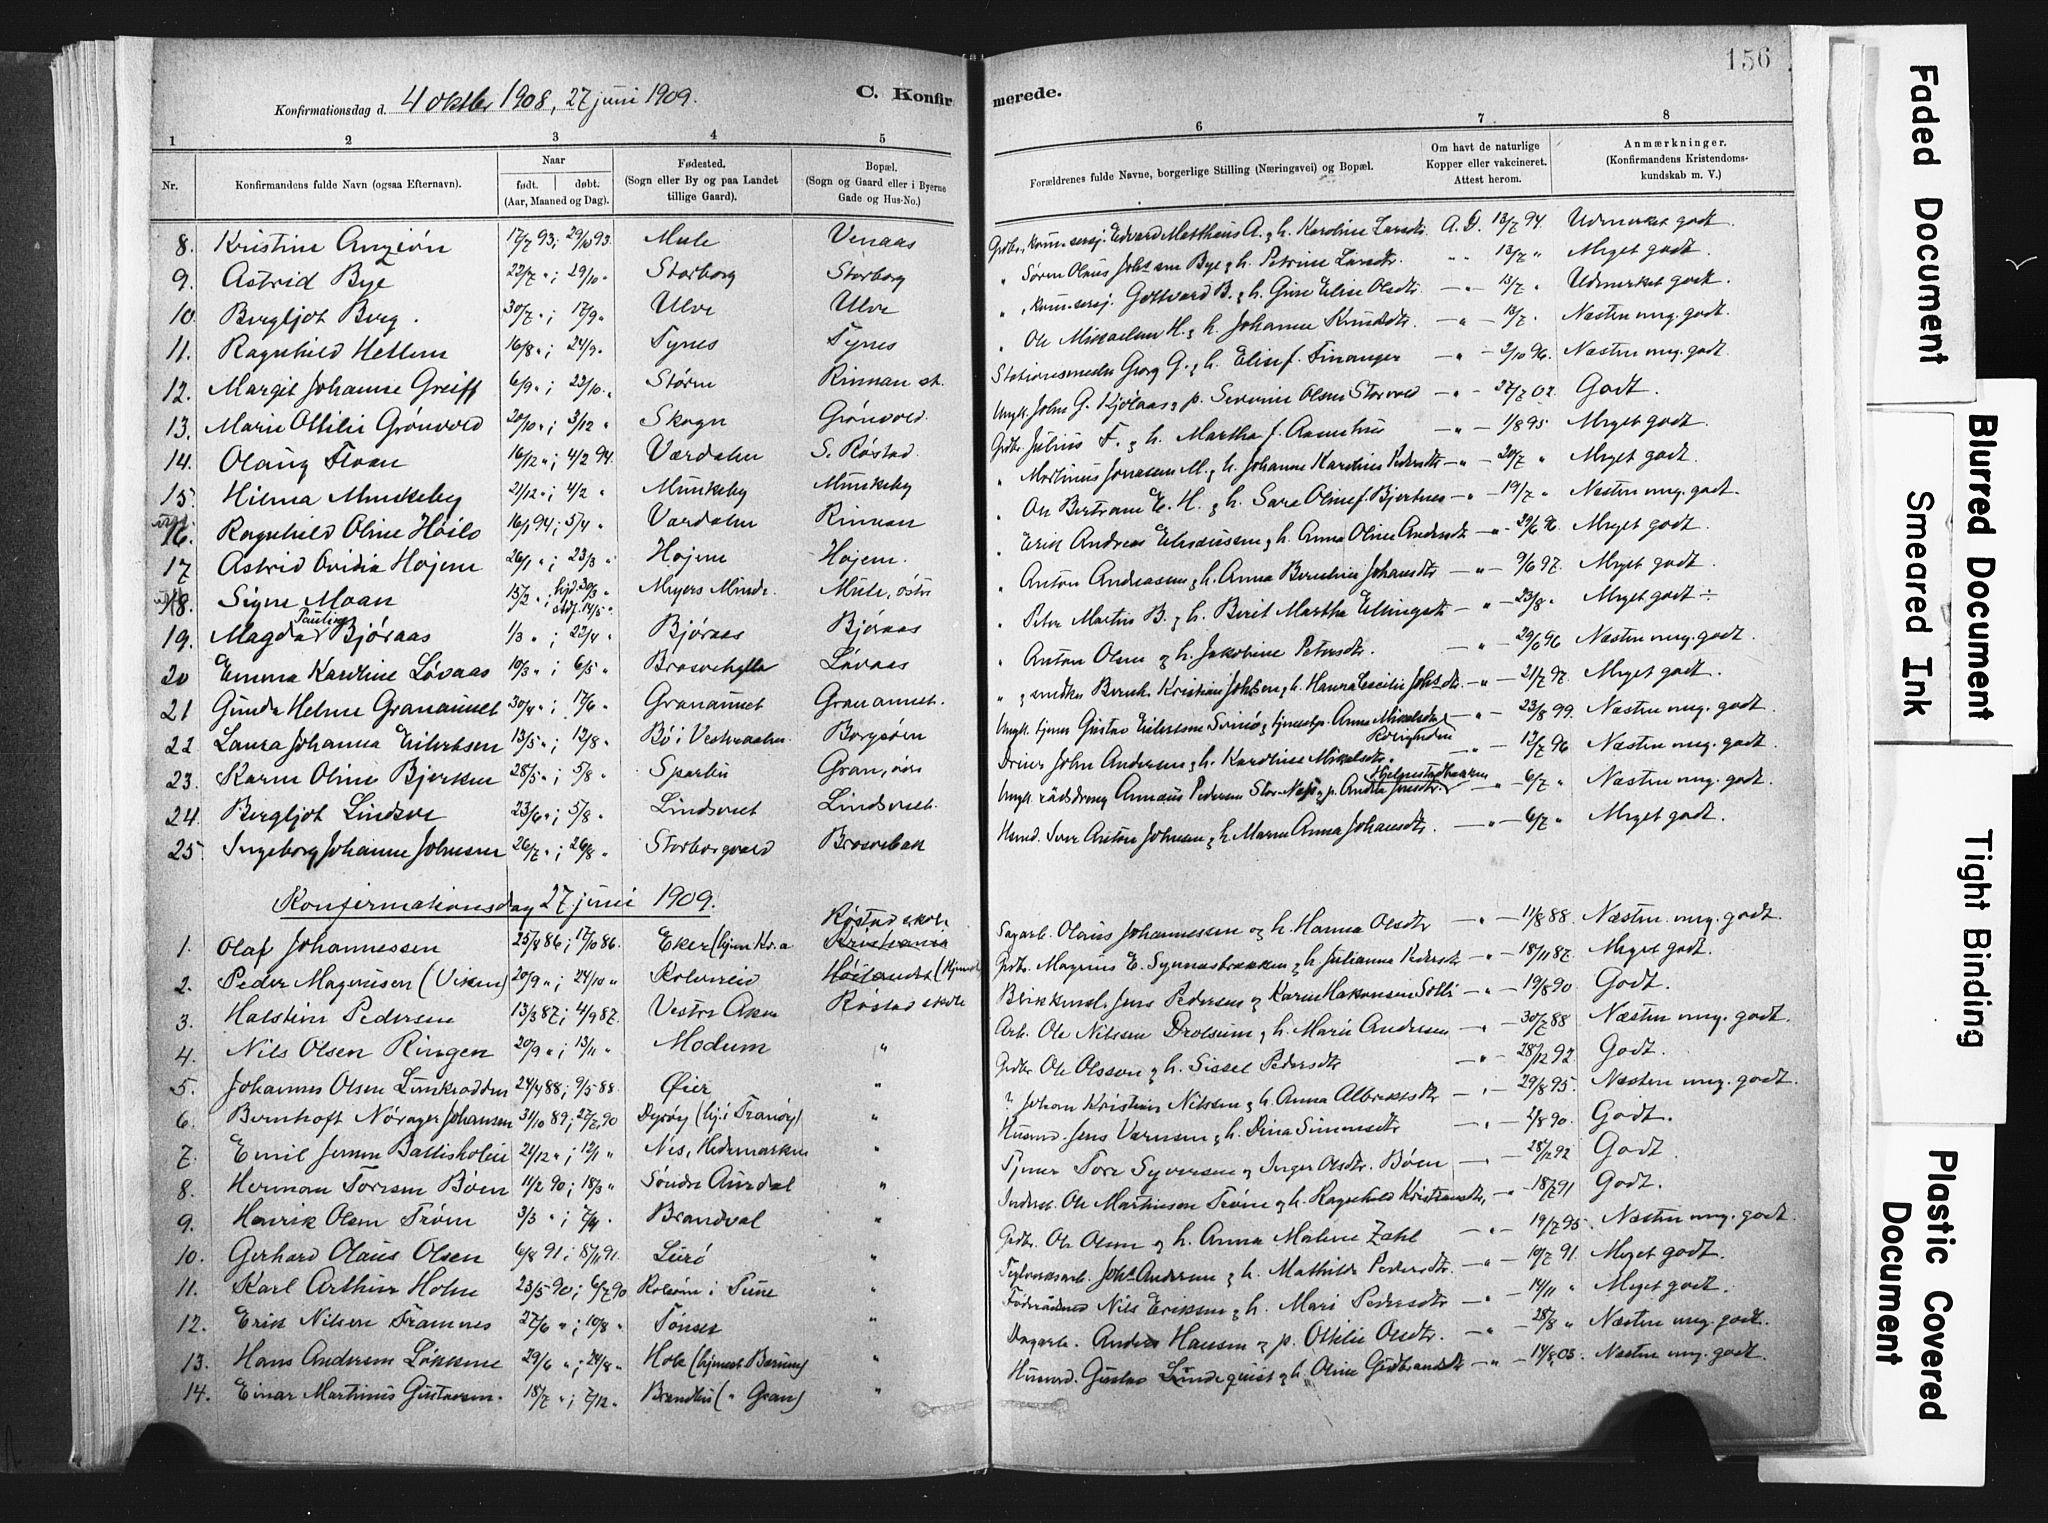 SAT, Ministerialprotokoller, klokkerbøker og fødselsregistre - Nord-Trøndelag, 721/L0207: Ministerialbok nr. 721A02, 1880-1911, s. 156